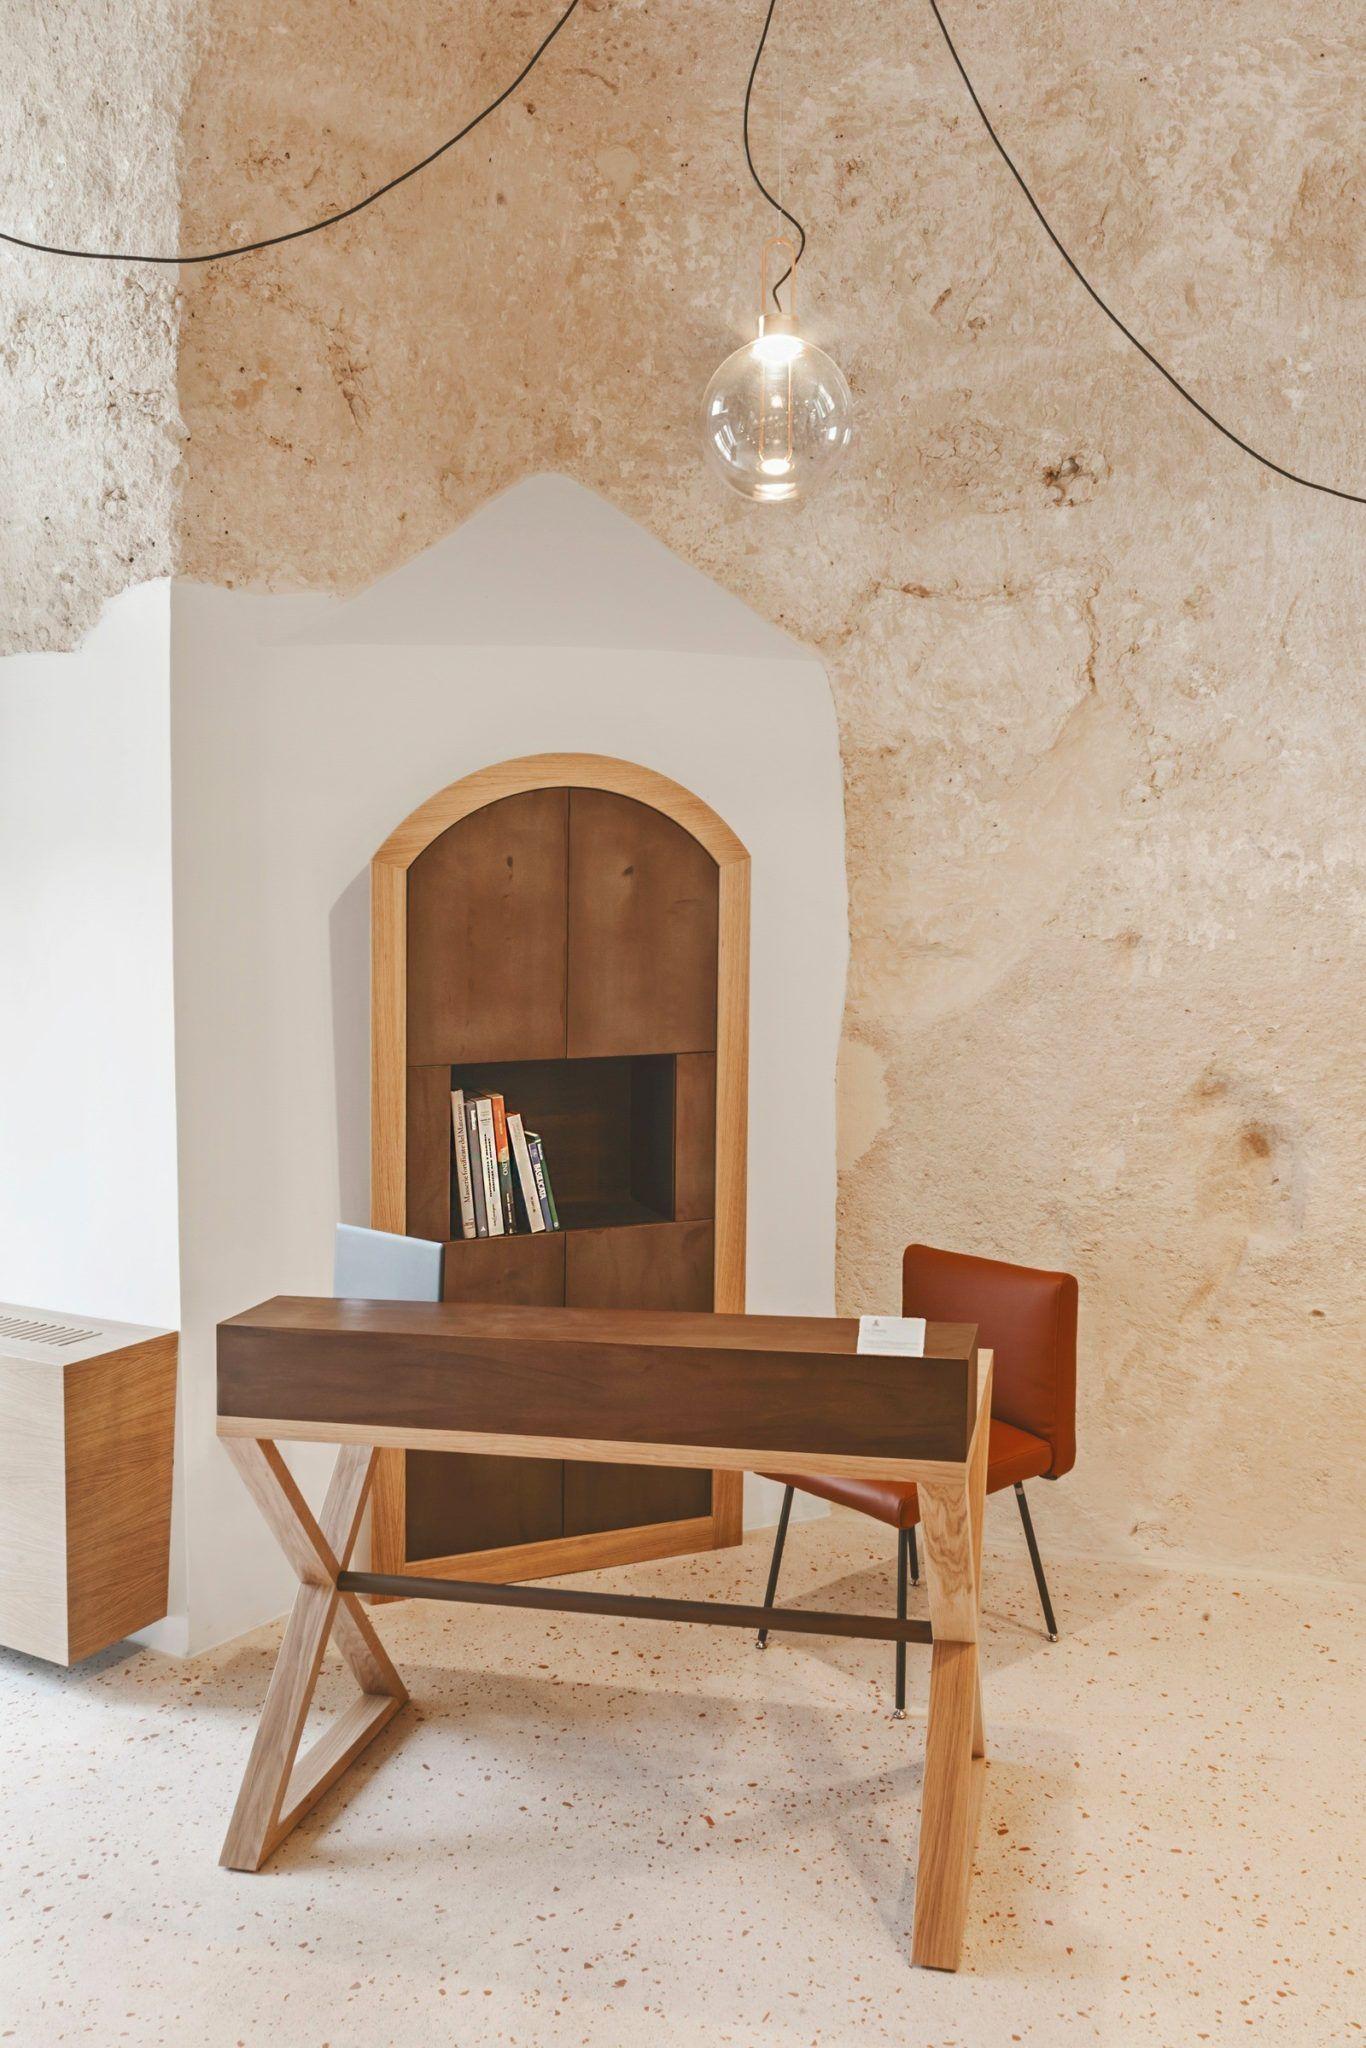 ARCHITECTURE Du0027INTERIEUR: Le Style Homme Des Cavernes   Huskdesignblog